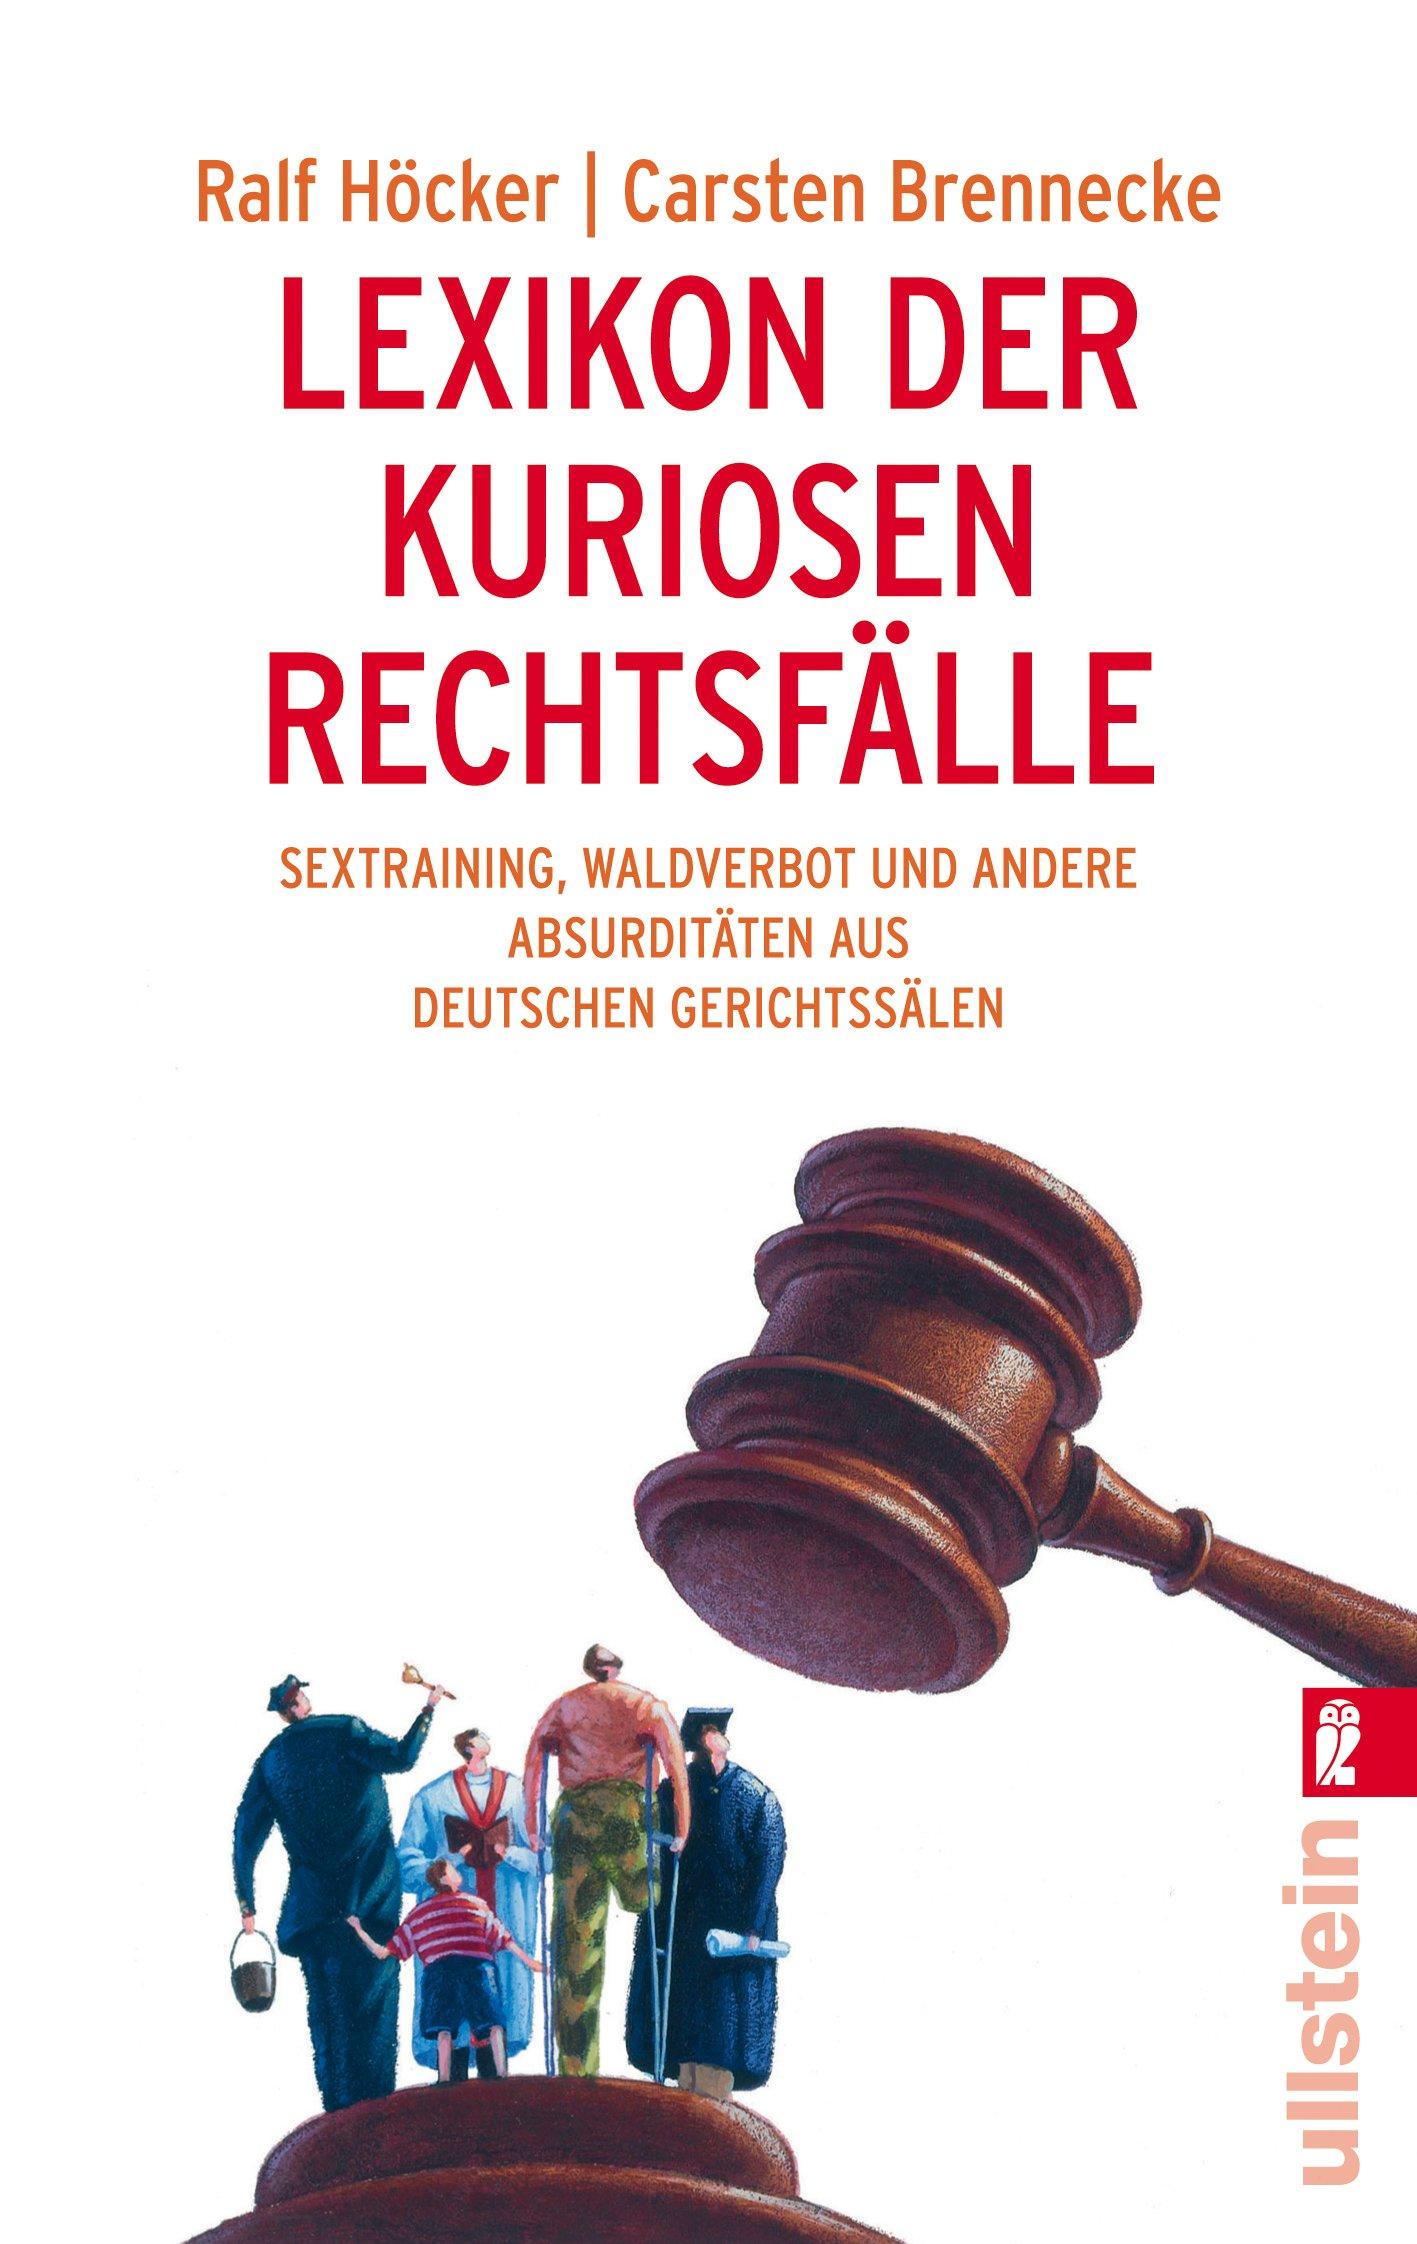 lexikon-der-kuriosen-rechtsflle-sextraining-waldverbot-und-andere-absurditten-aus-deutschen-gerichtsslen